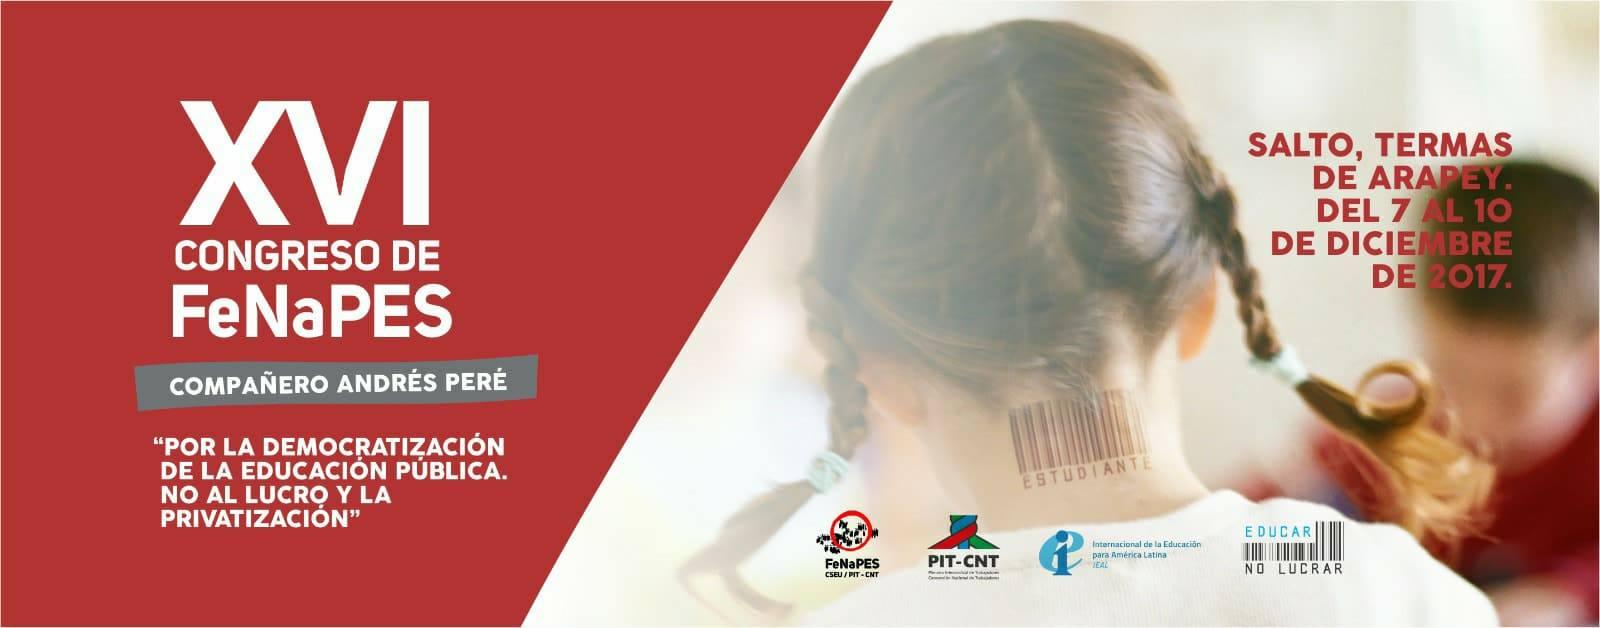 Plazo para enviar insumos a ser discutidos en el XVI Congreso de FeNaPES